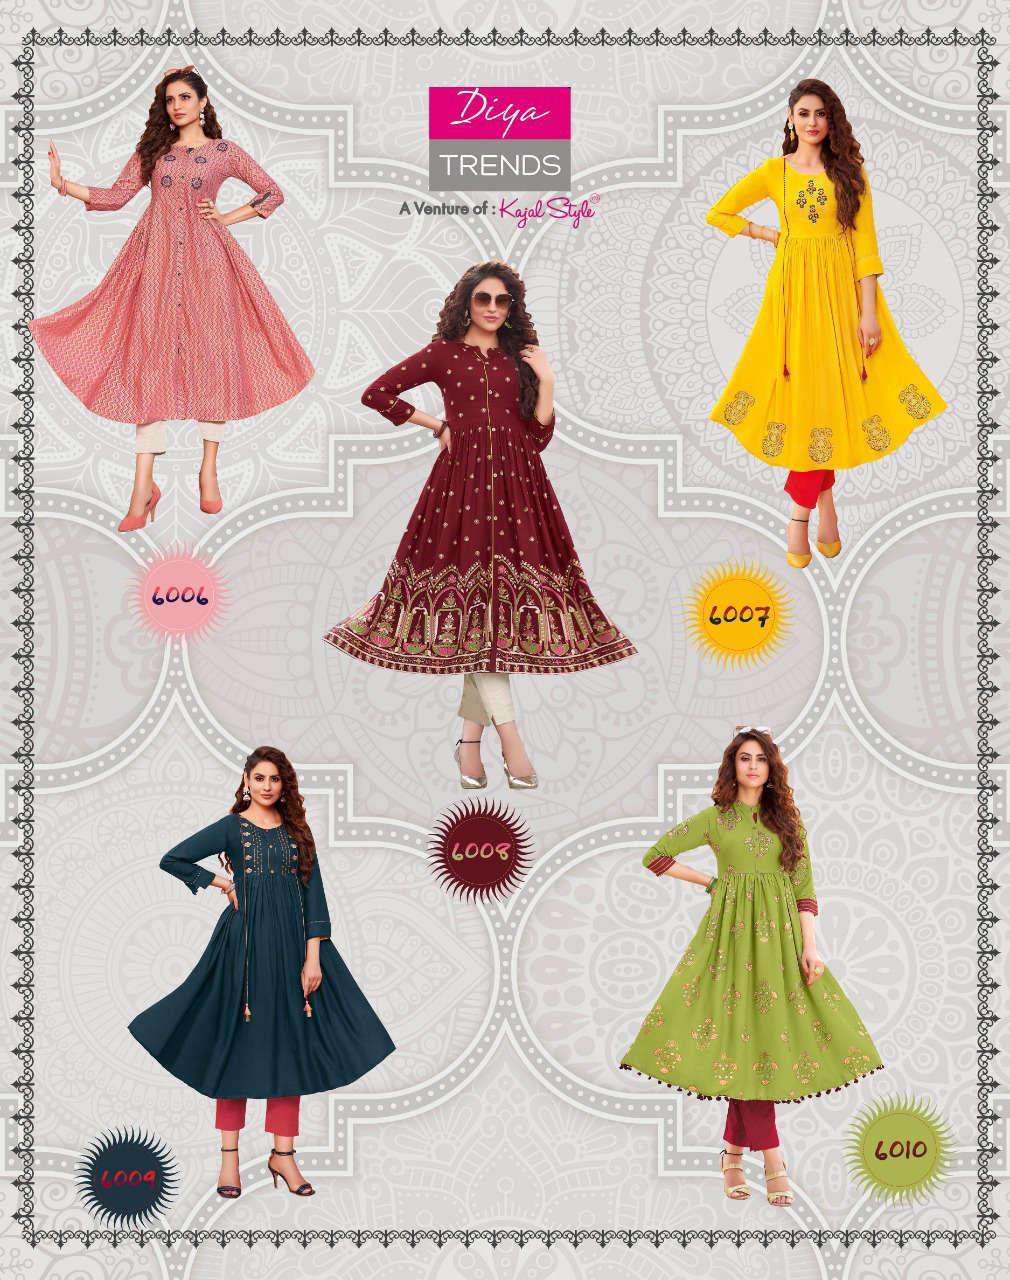 Diya Trends Ethnicity Vol 6 by Kajal Style Kurti Wholesale Catalog 10 Pcs 15 - Diya Trends Ethnicity Vol 6 by Kajal Style Kurti Wholesale Catalog 10 Pcs